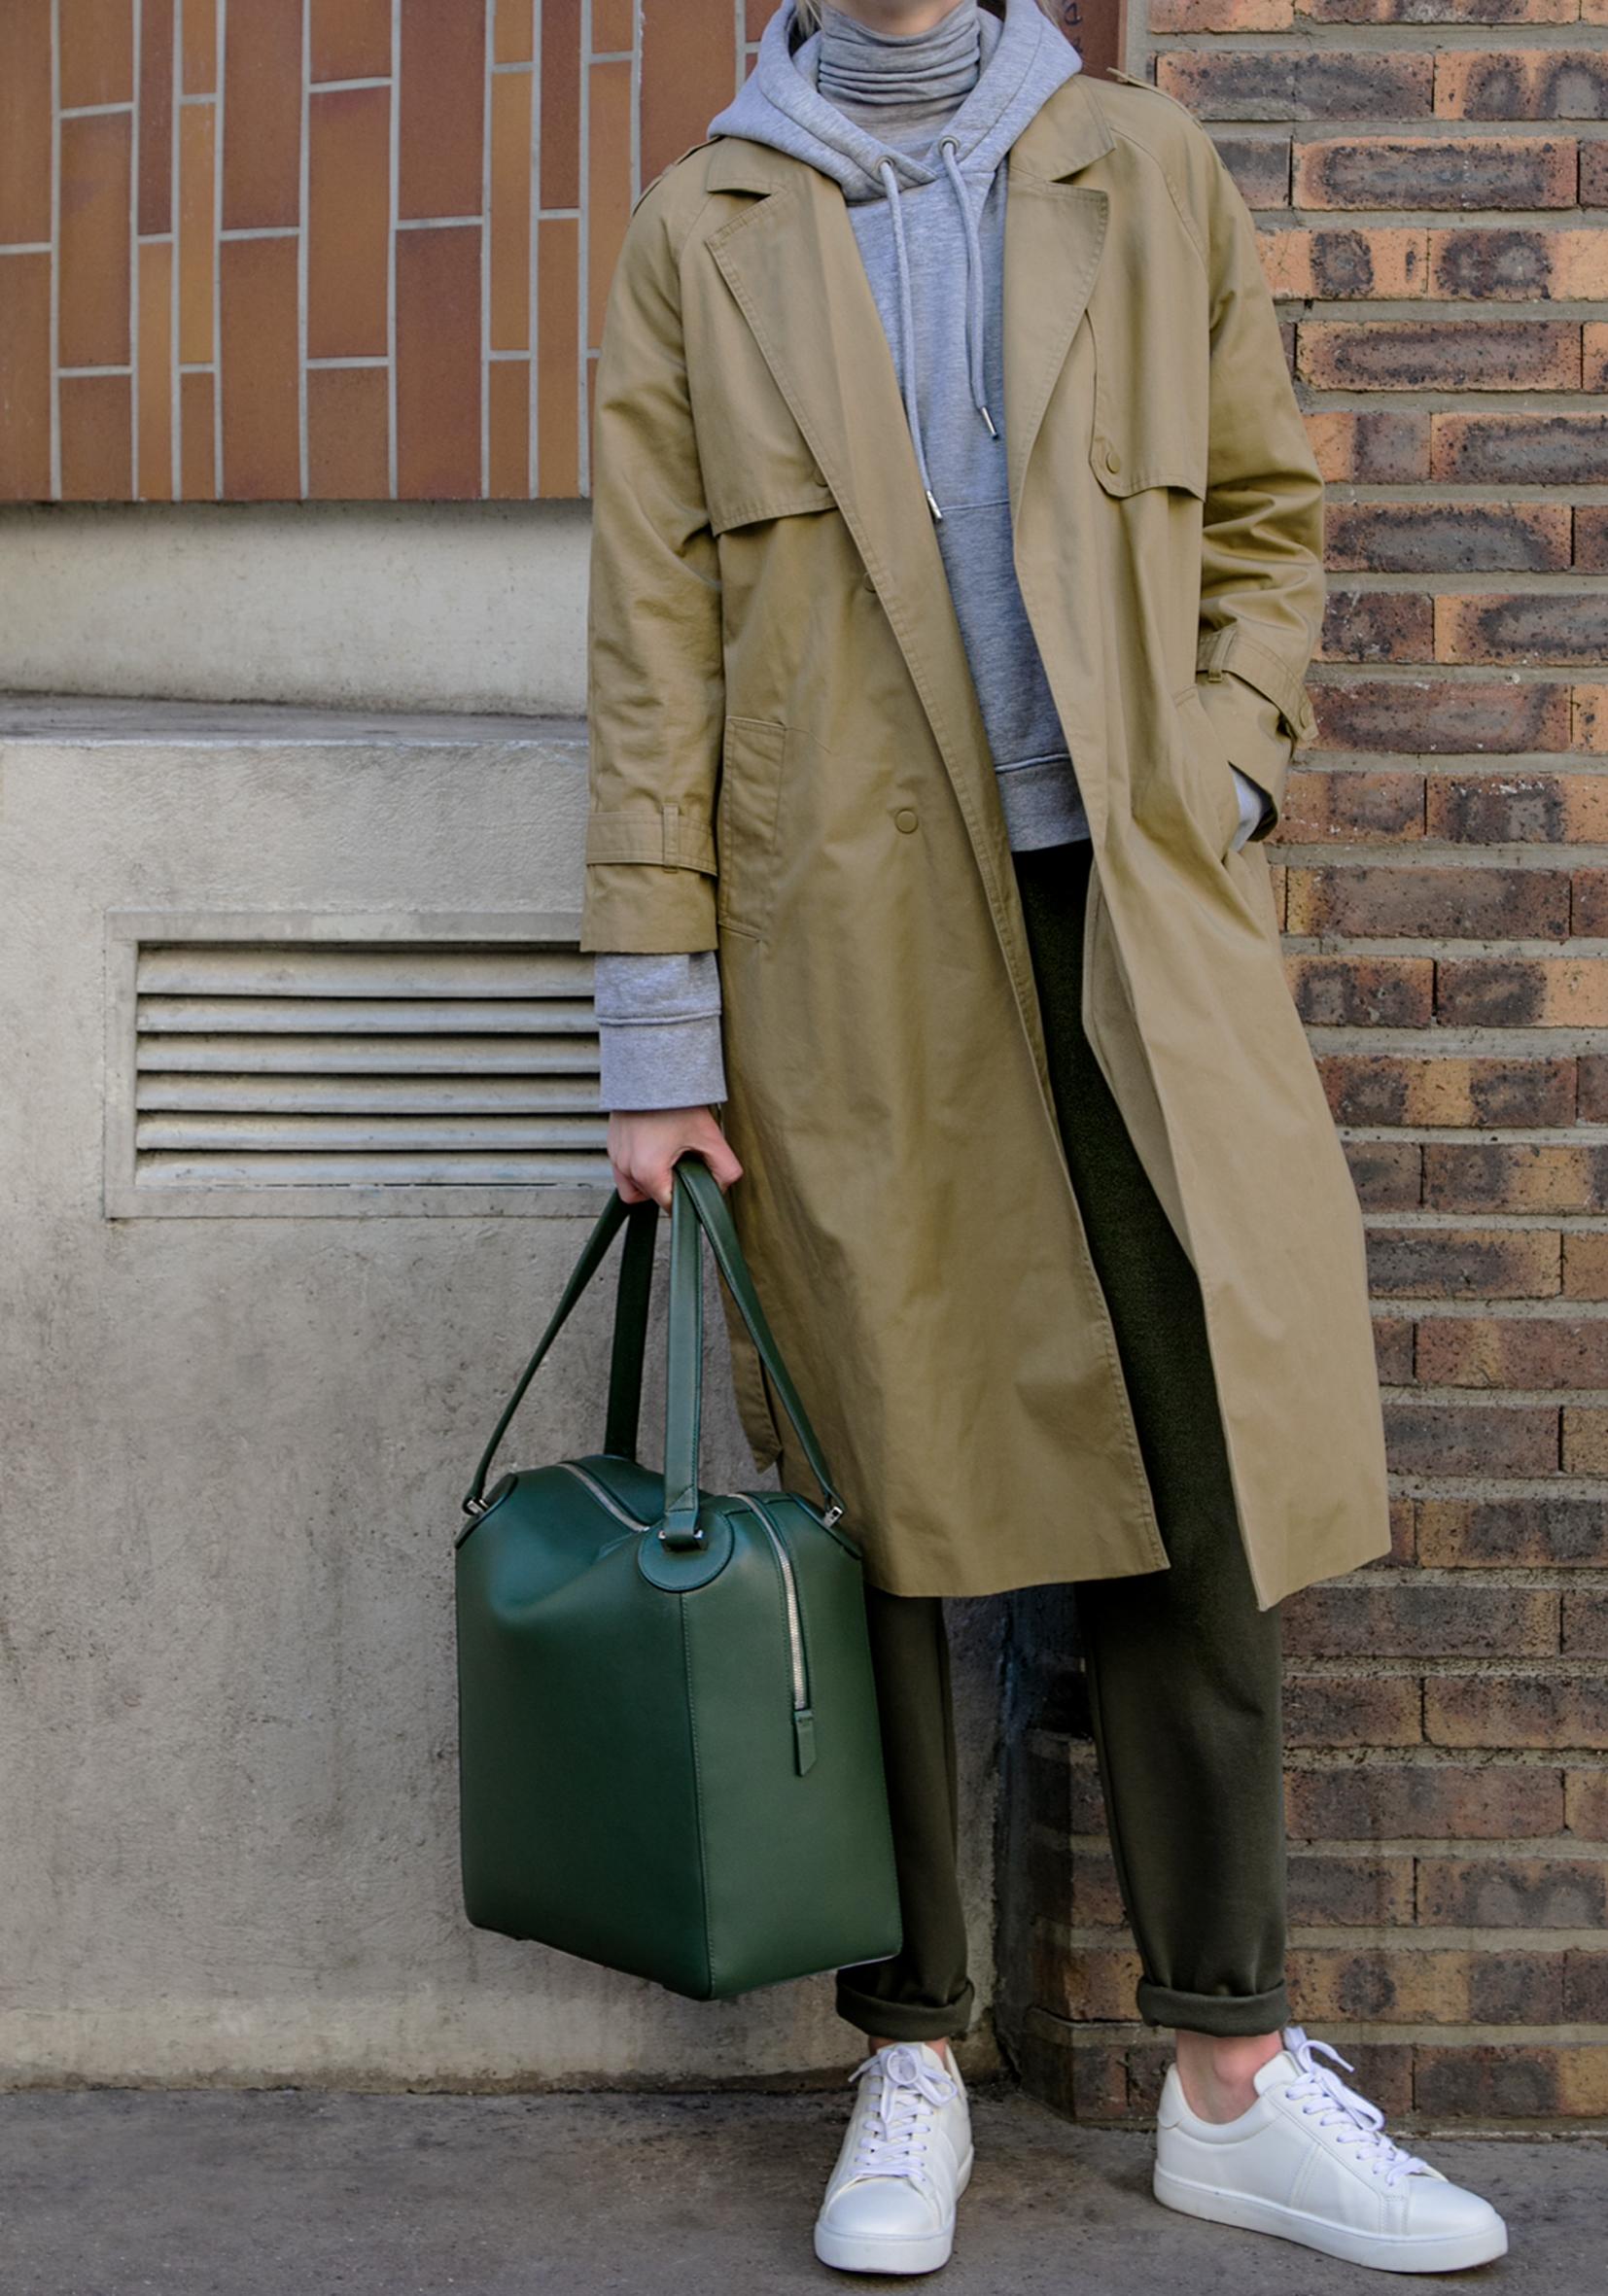 BAURAIN FW18 one duffel large bag